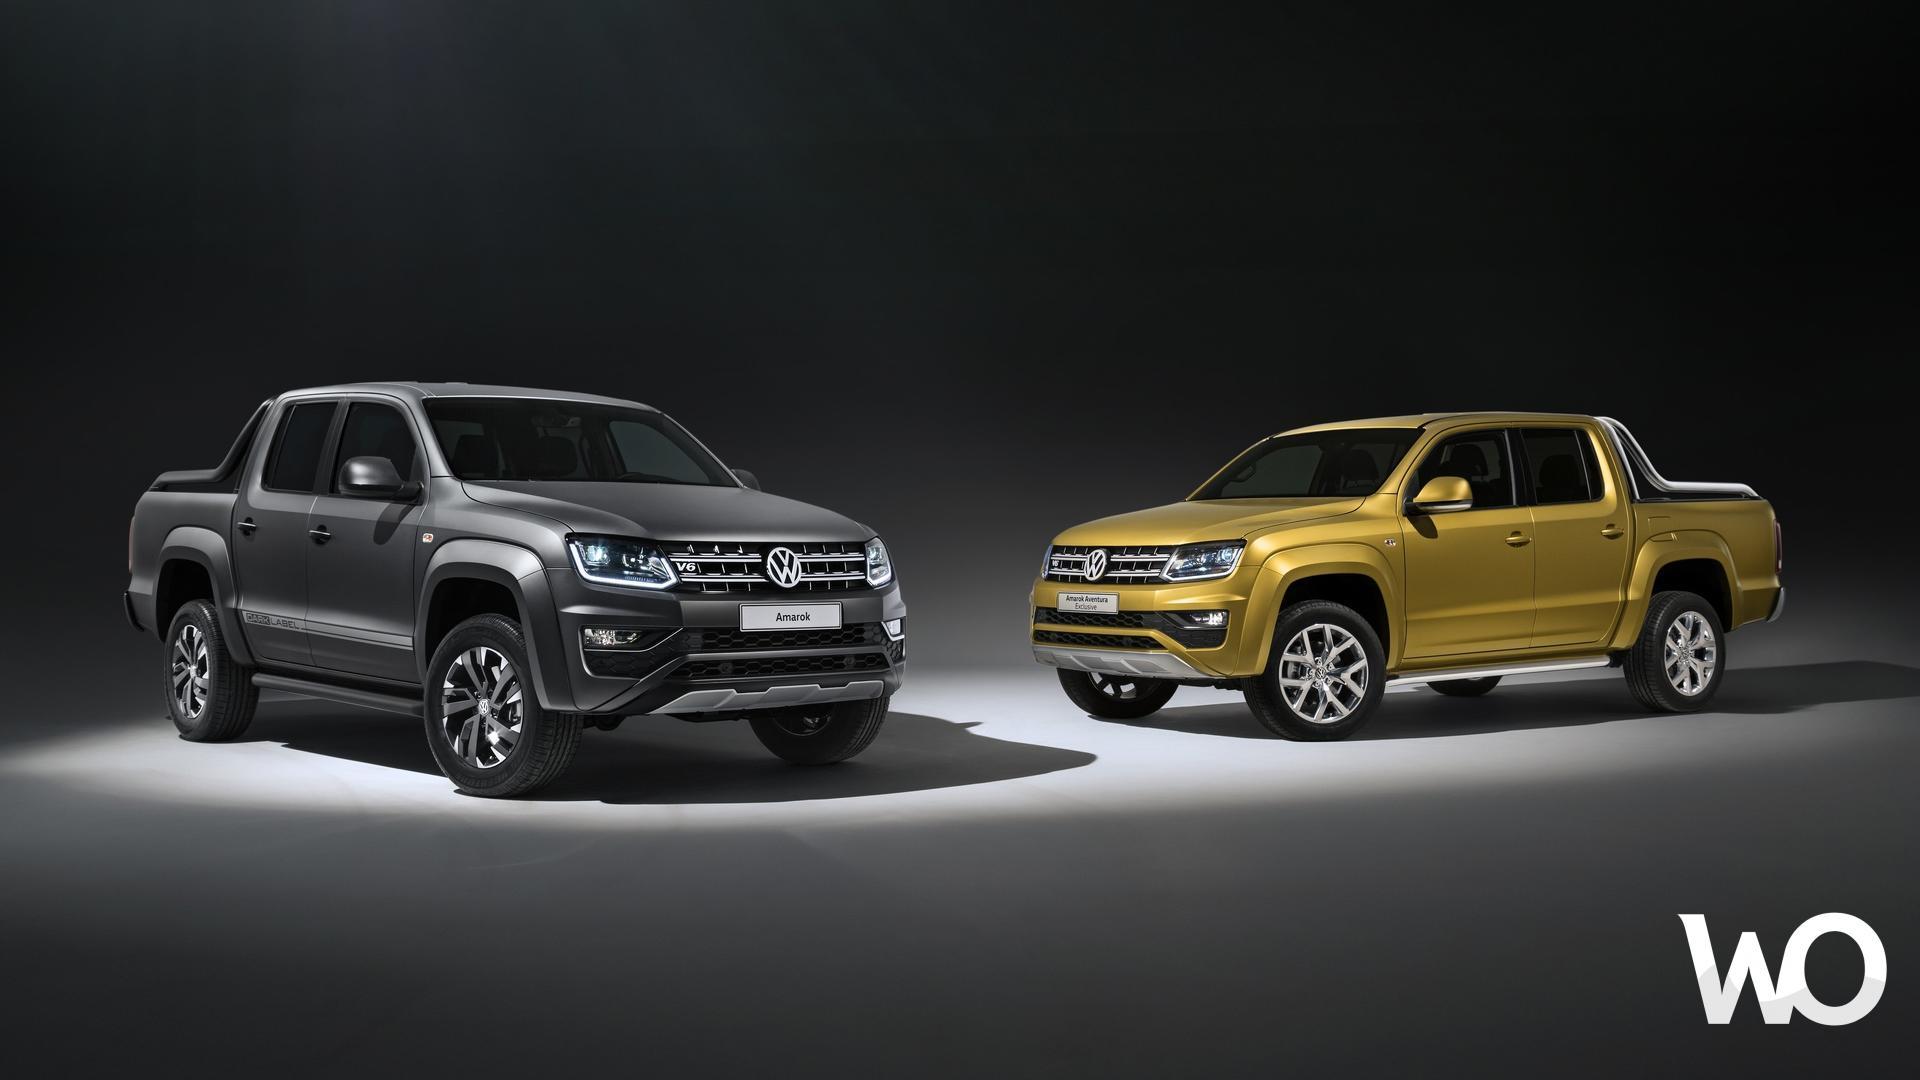 Volkswagen-Ford İş Birliği İle Üretilen 2022 Volkswagen Amarok Tanıtıldı